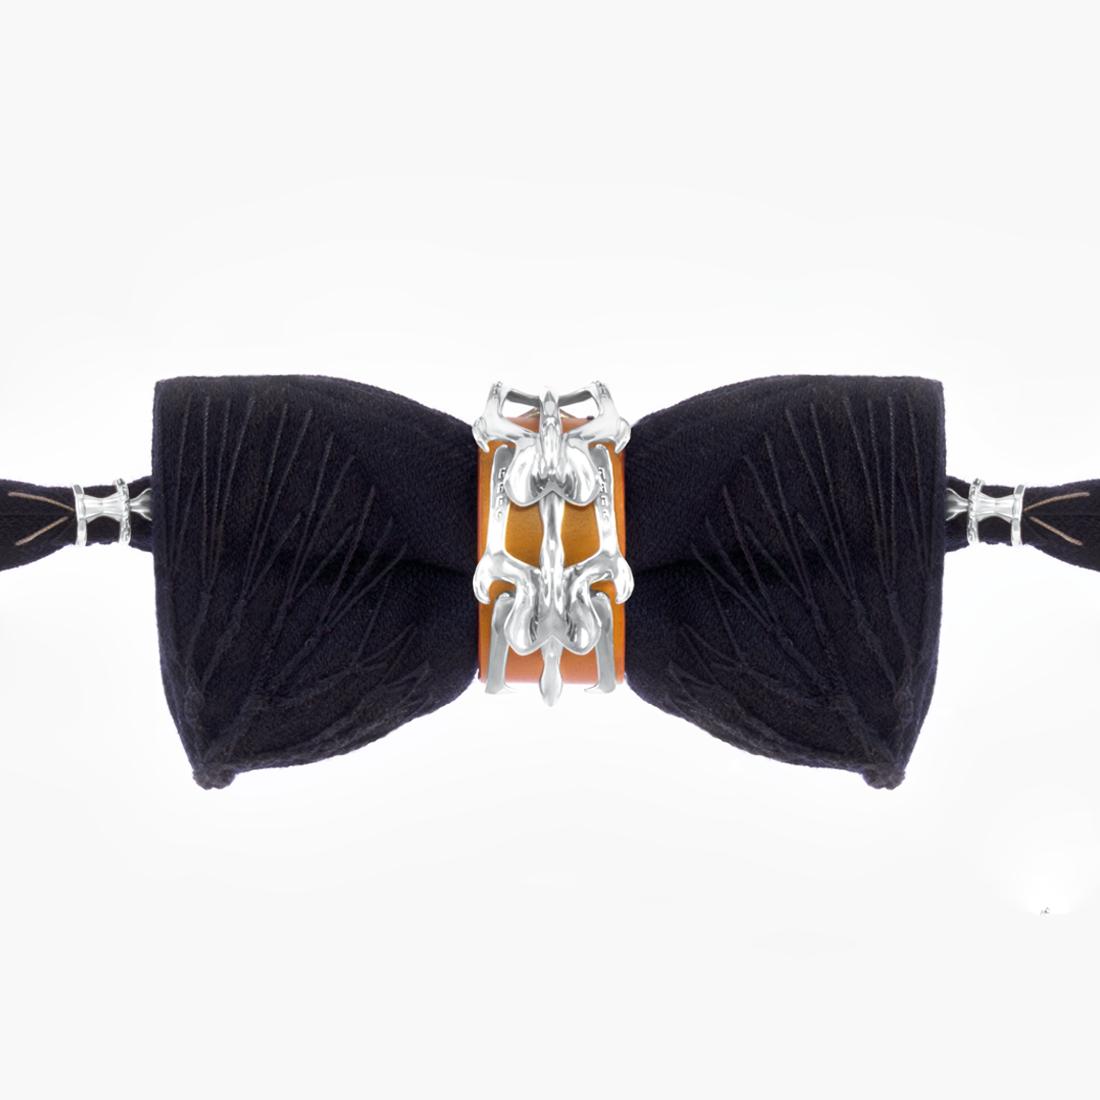 Centauru bow tie front view